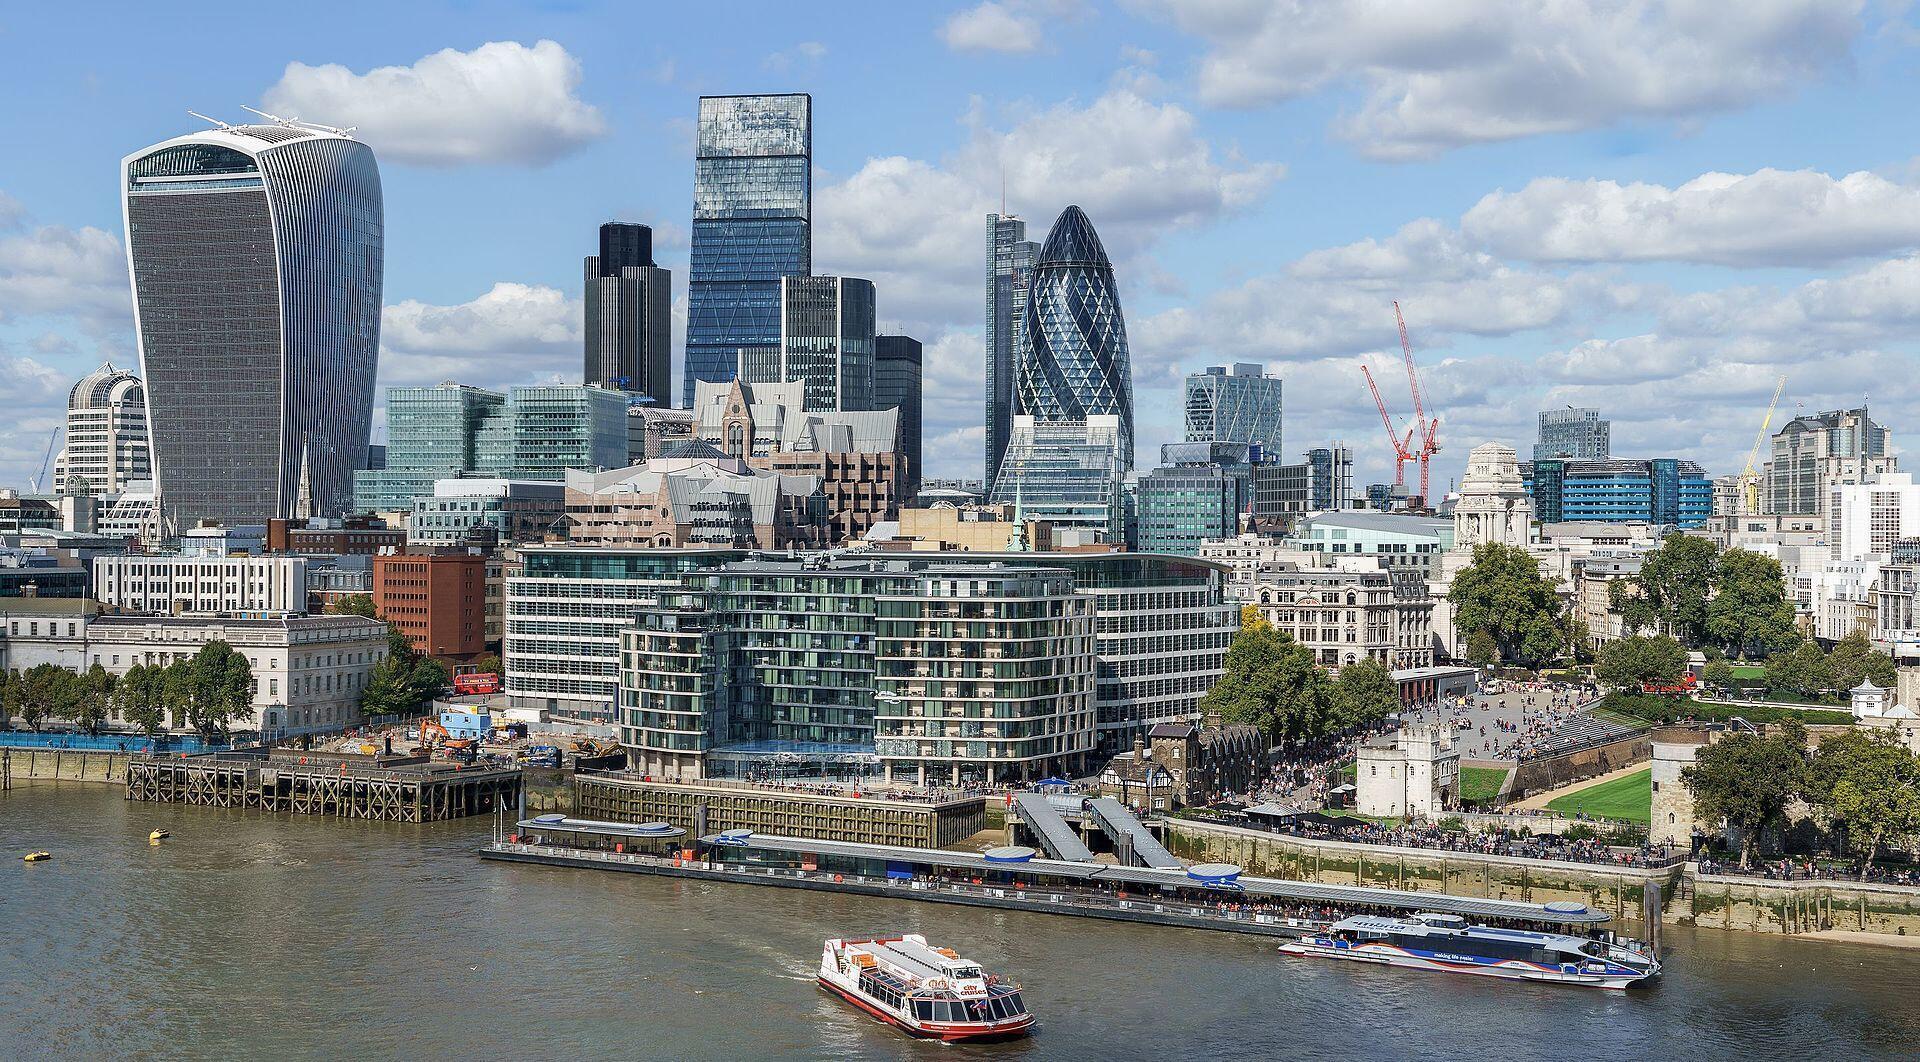 Skyline da City, bairro empresarial e financeiro de Londres